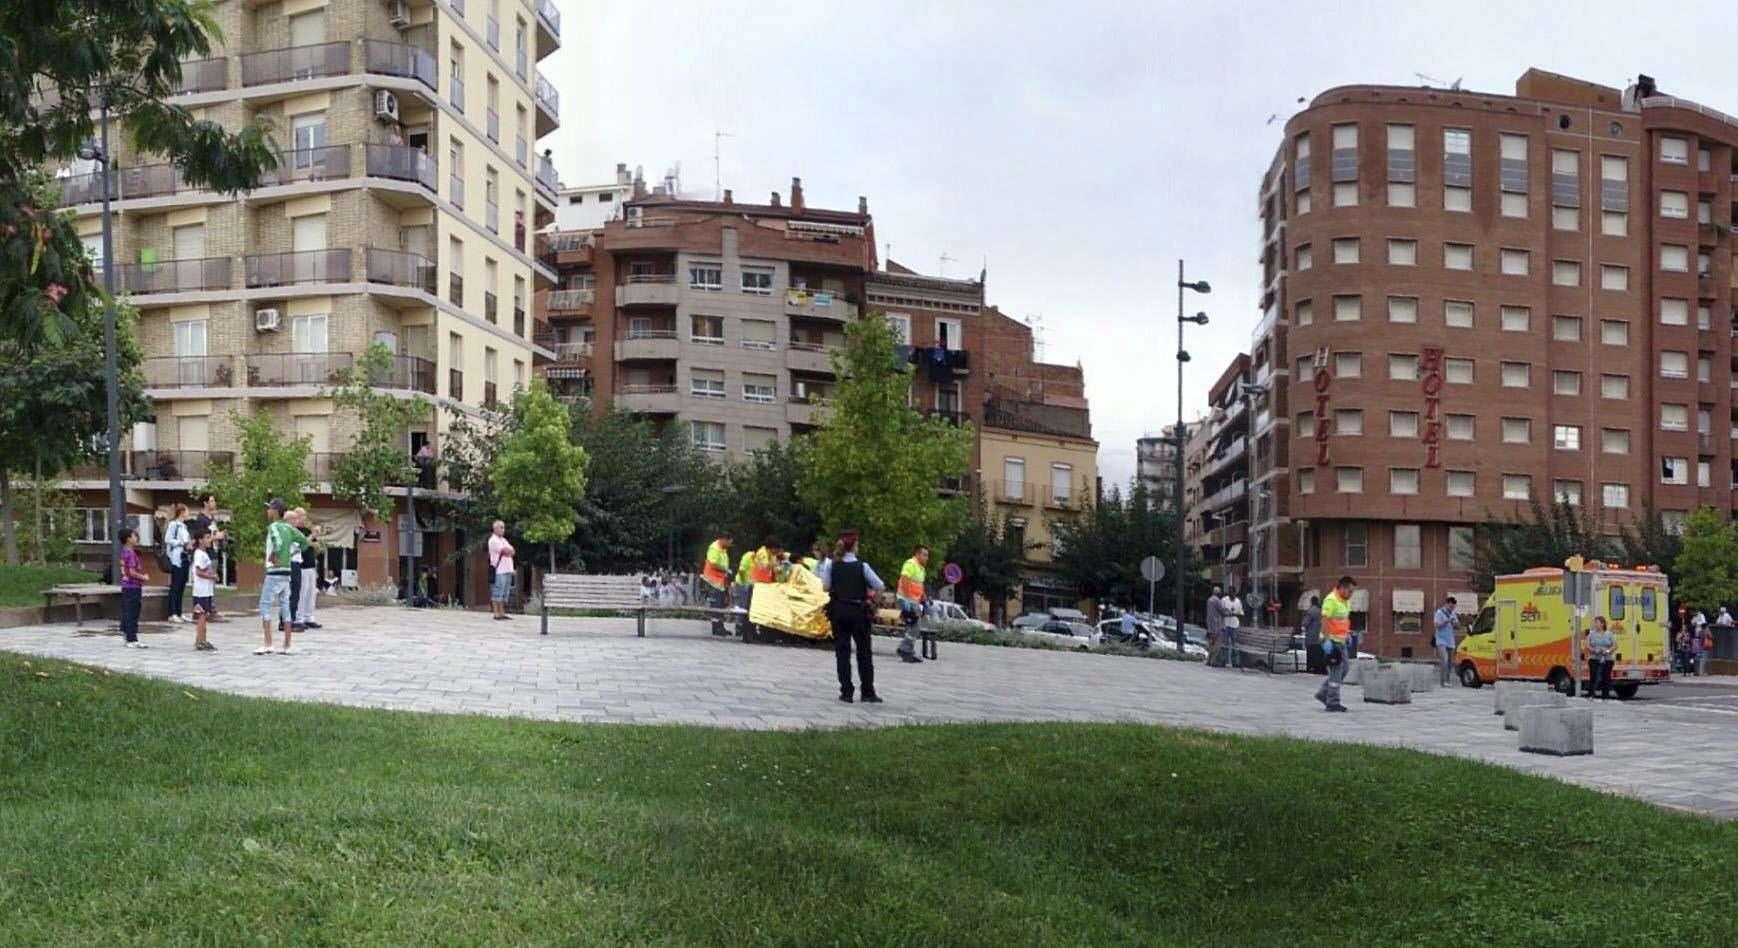 Imagen facilitada por La Veu de Lleida de una de las zonas del barrio de Pardinyes de la ciudad catalana donde un hombre, de unos 35 años y de origen extranjero, agredió con un arma blanca a cinco personas en plena calle. Foto: EFE en español